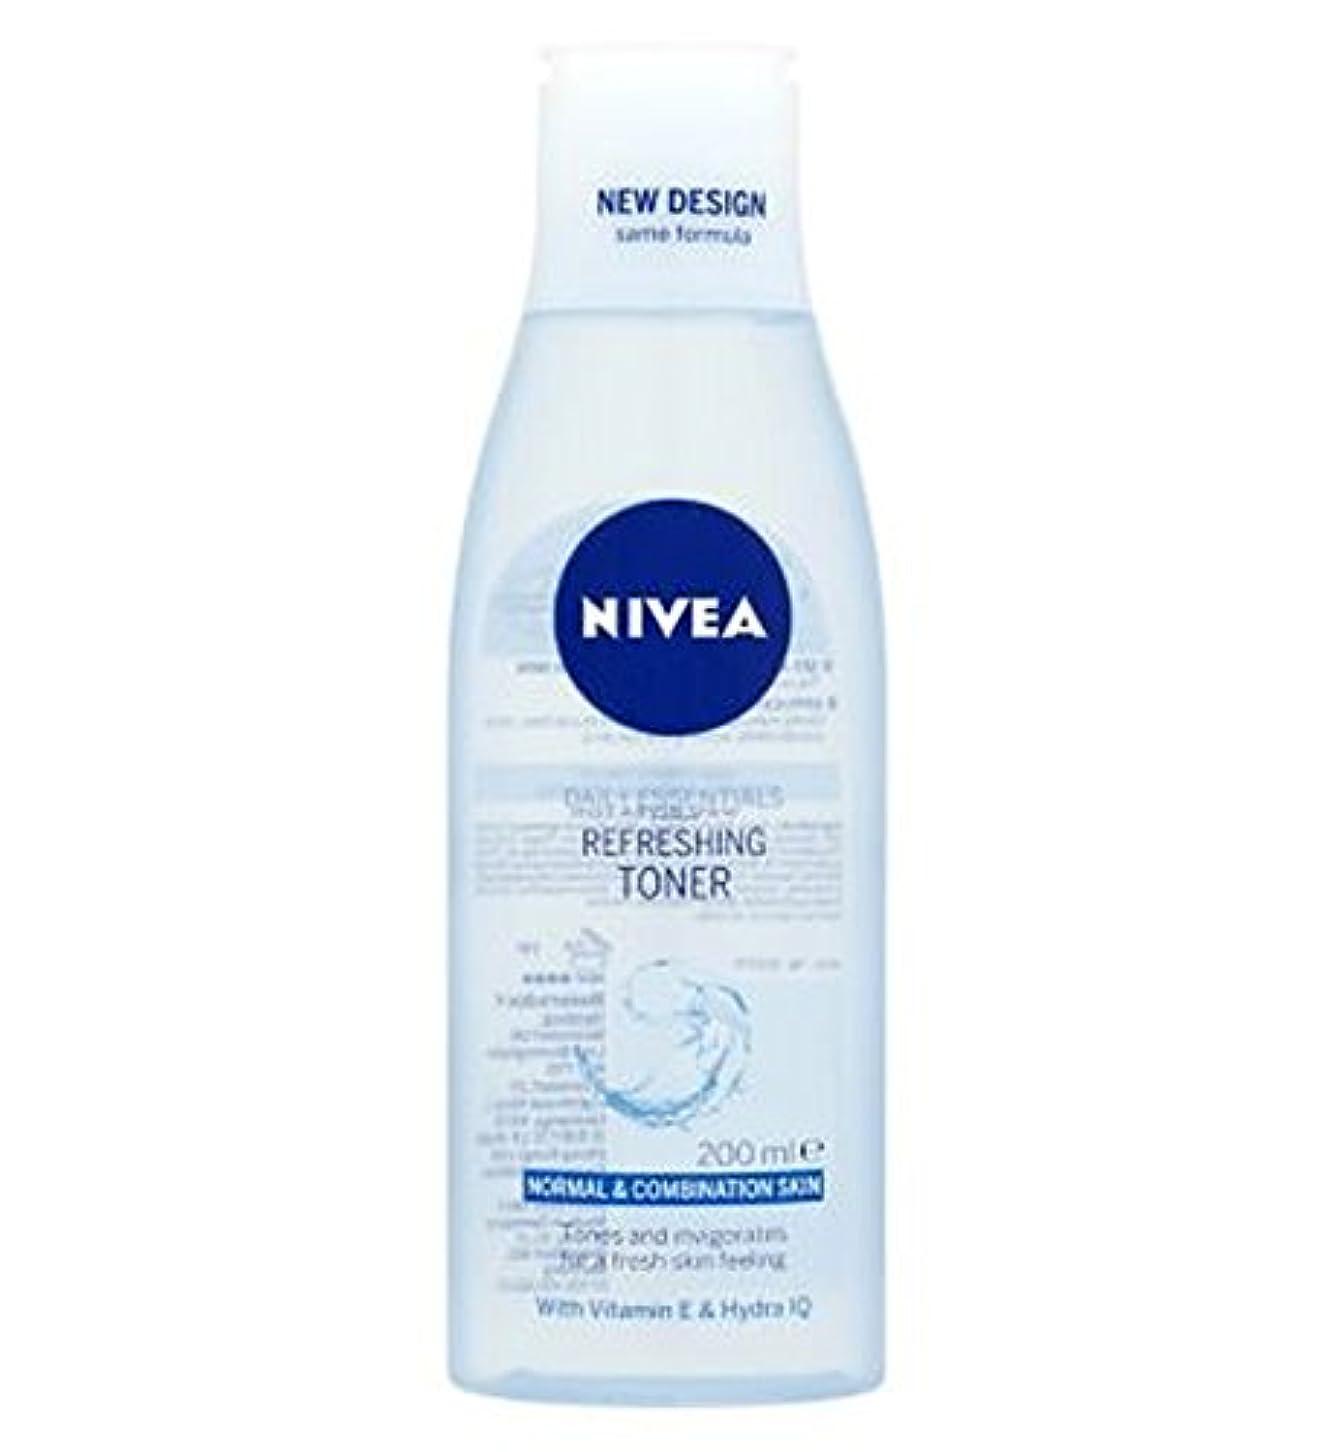 真面目な添加剤ほかにNivea Daily Essentials Refreshing Toner 200ml - トナー200ミリリットルをリフレッシュニベア生活必需品 (Nivea) [並行輸入品]